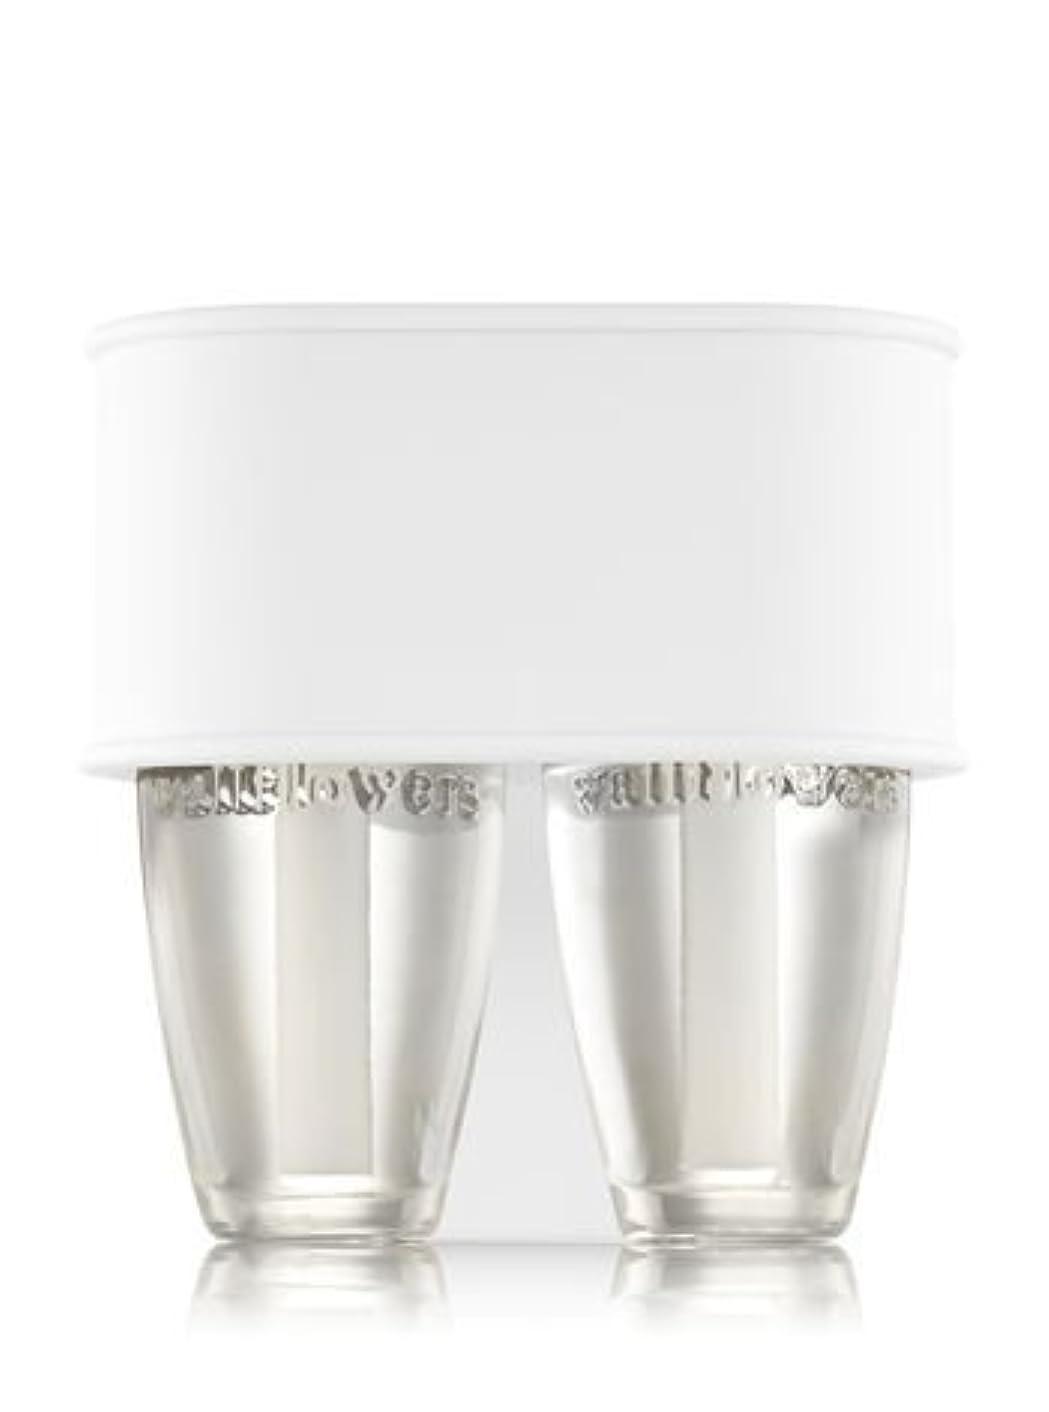 輝度大腿毎週【Bath&Body Works/バス&ボディワークス】 ルームフレグランス プラグインスターター デュオプラグ (本体のみ) ホワイトソフトタッチ Scent Switching Wallflowers Duo Plug White Soft Touch [並行輸入品]